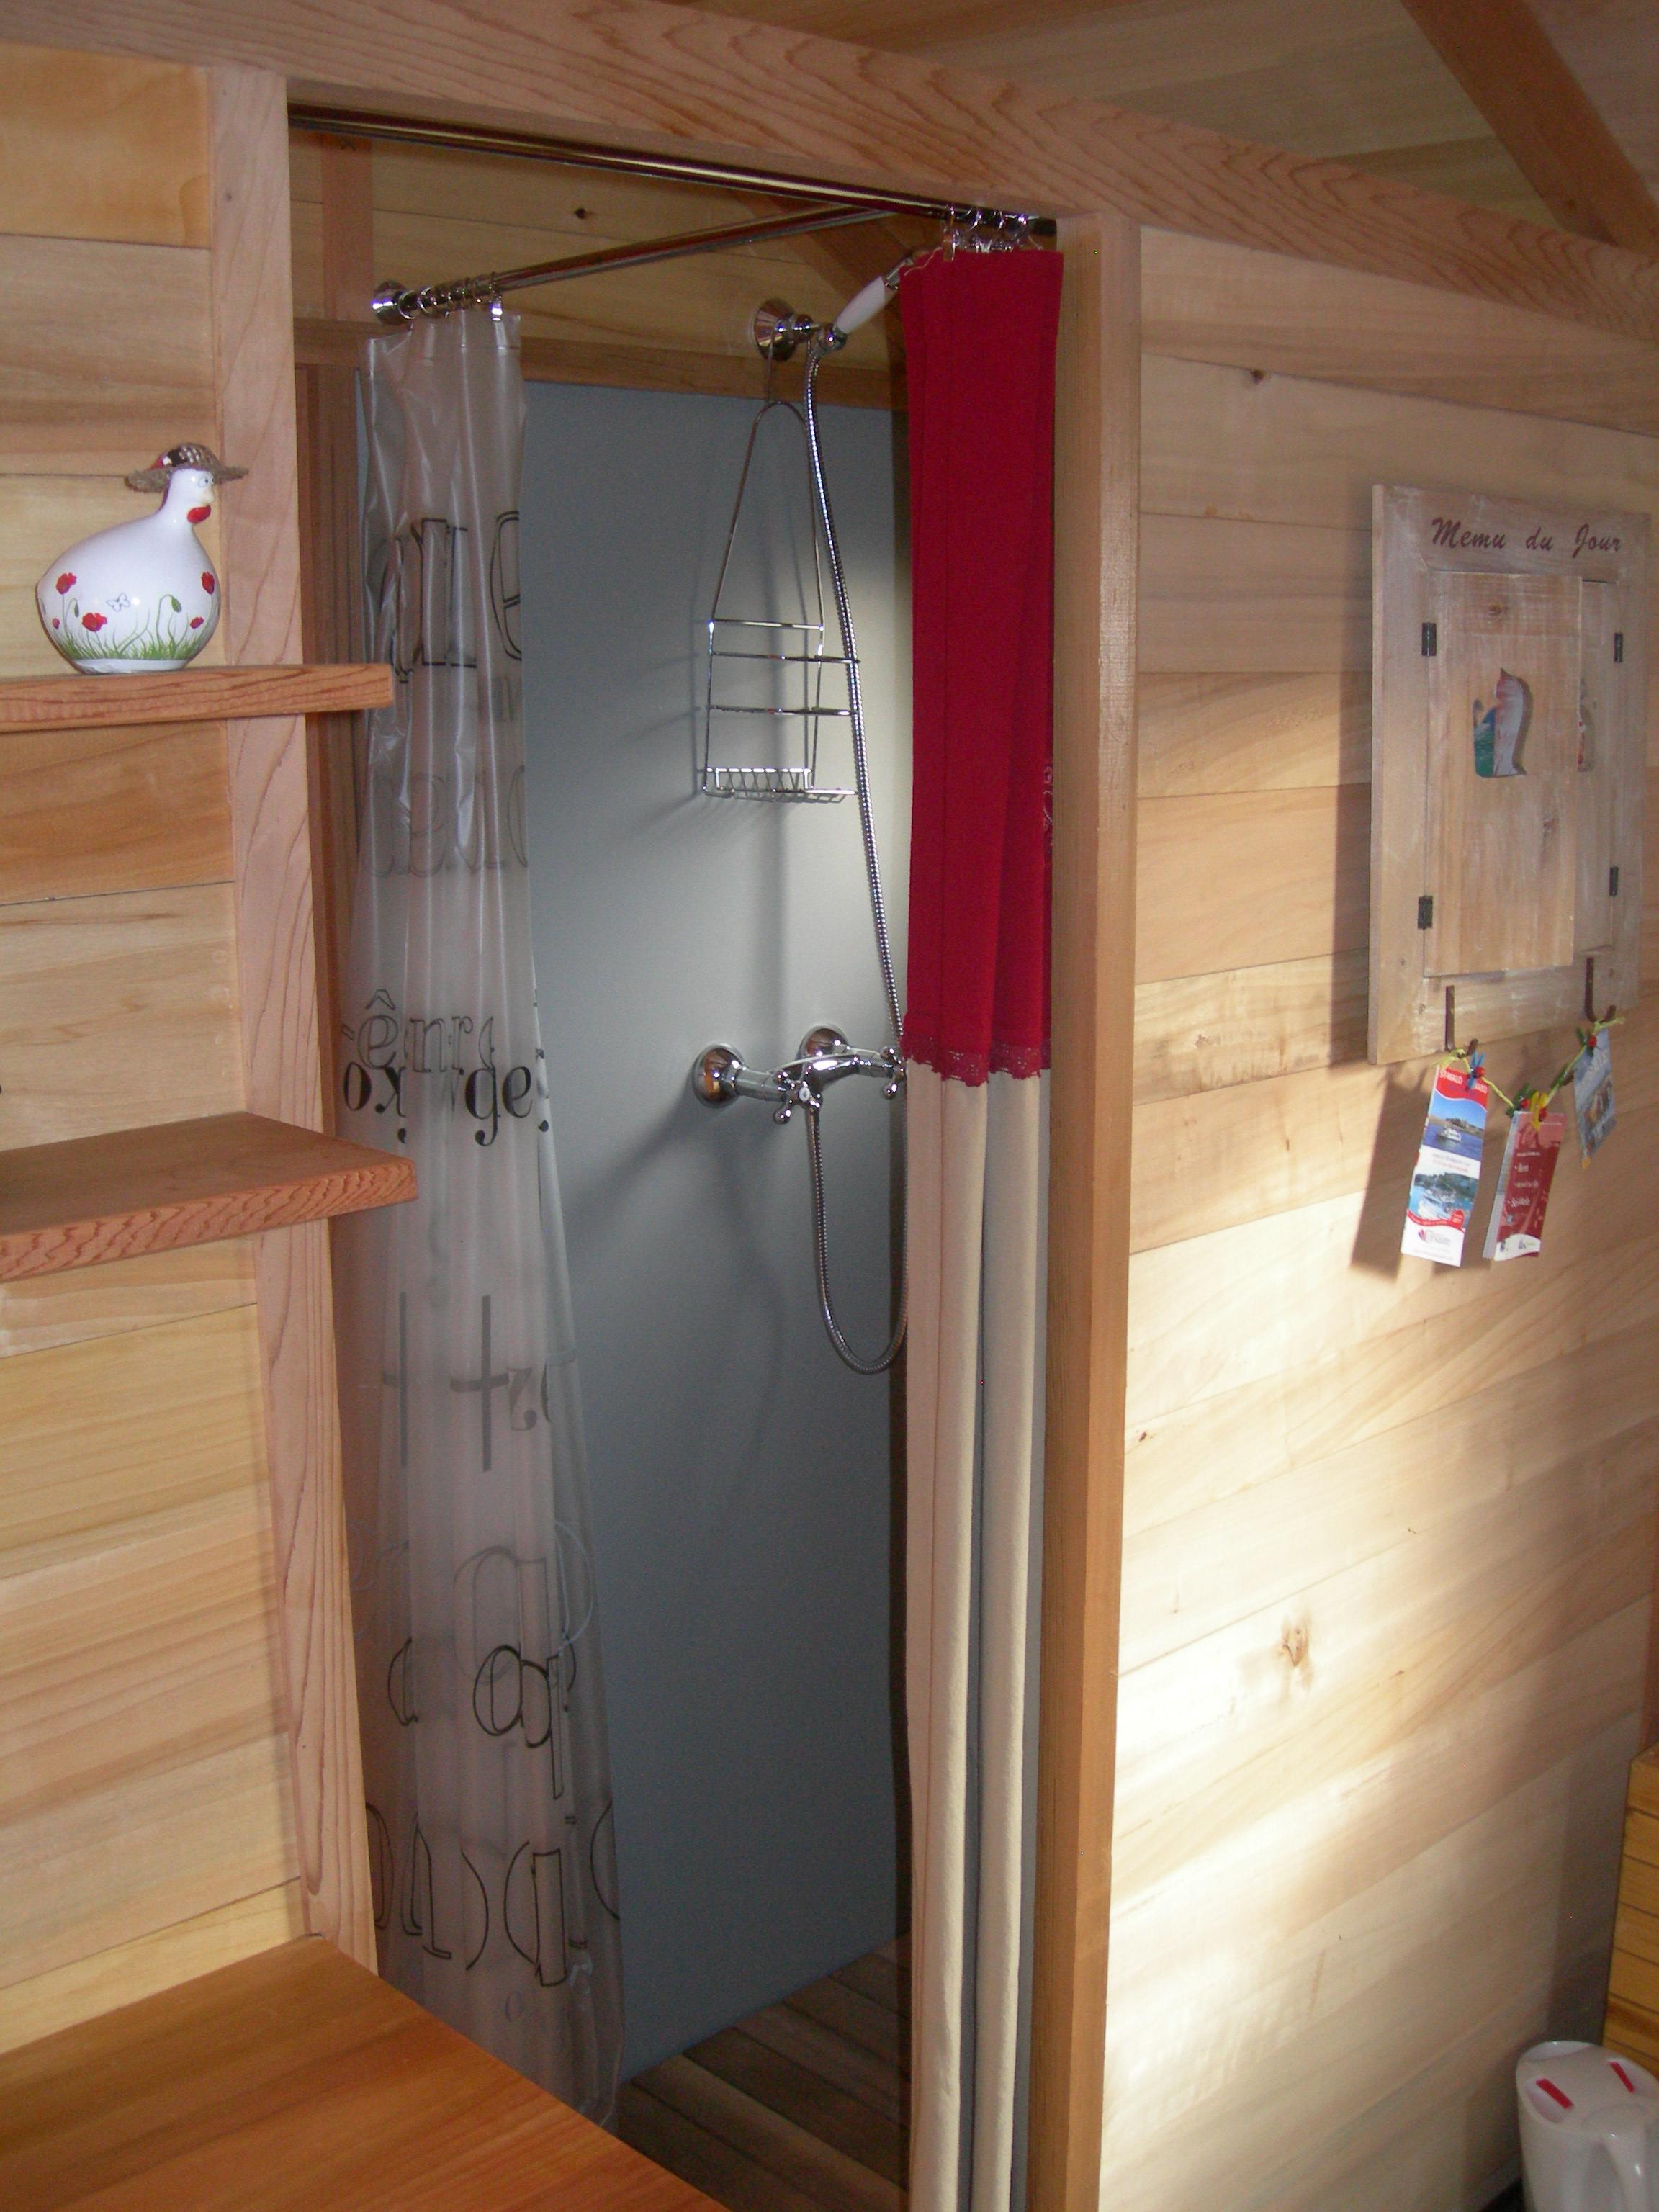 02-20-familles-histoires-de-cabanes  (3).jpg